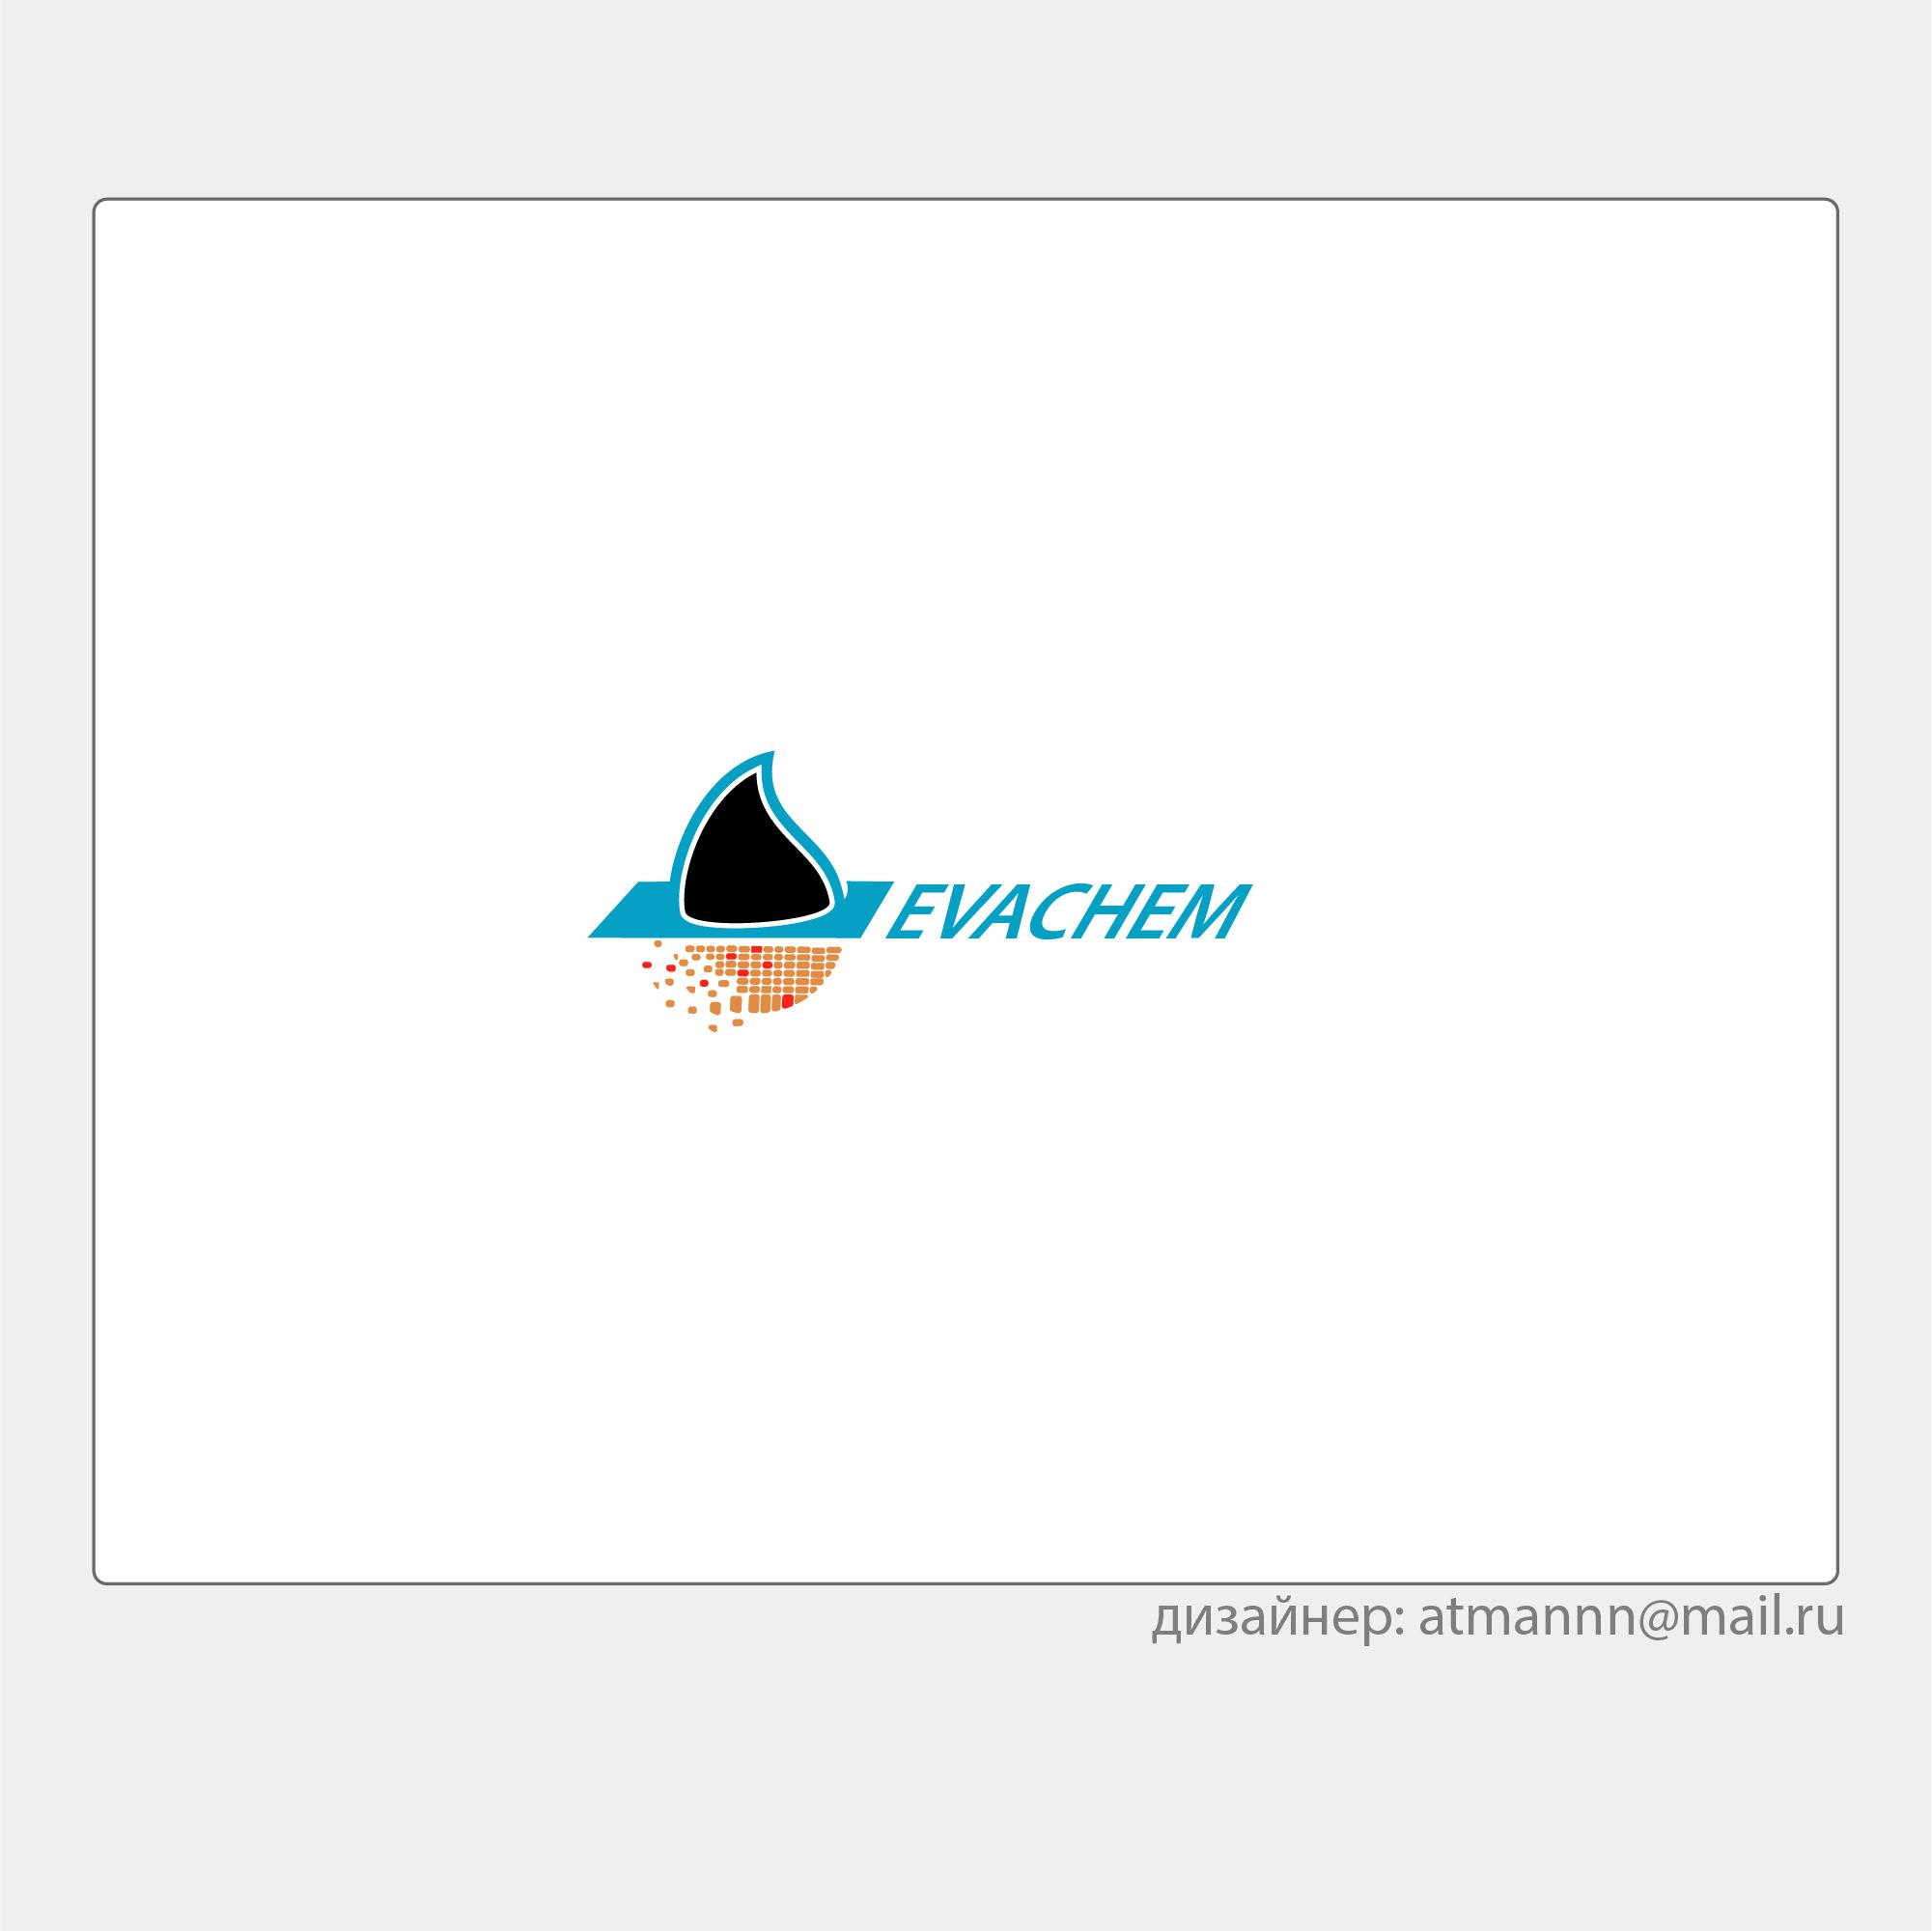 Разработка логотипа и фирменного стиля компании фото f_667572238d861ce5.jpg